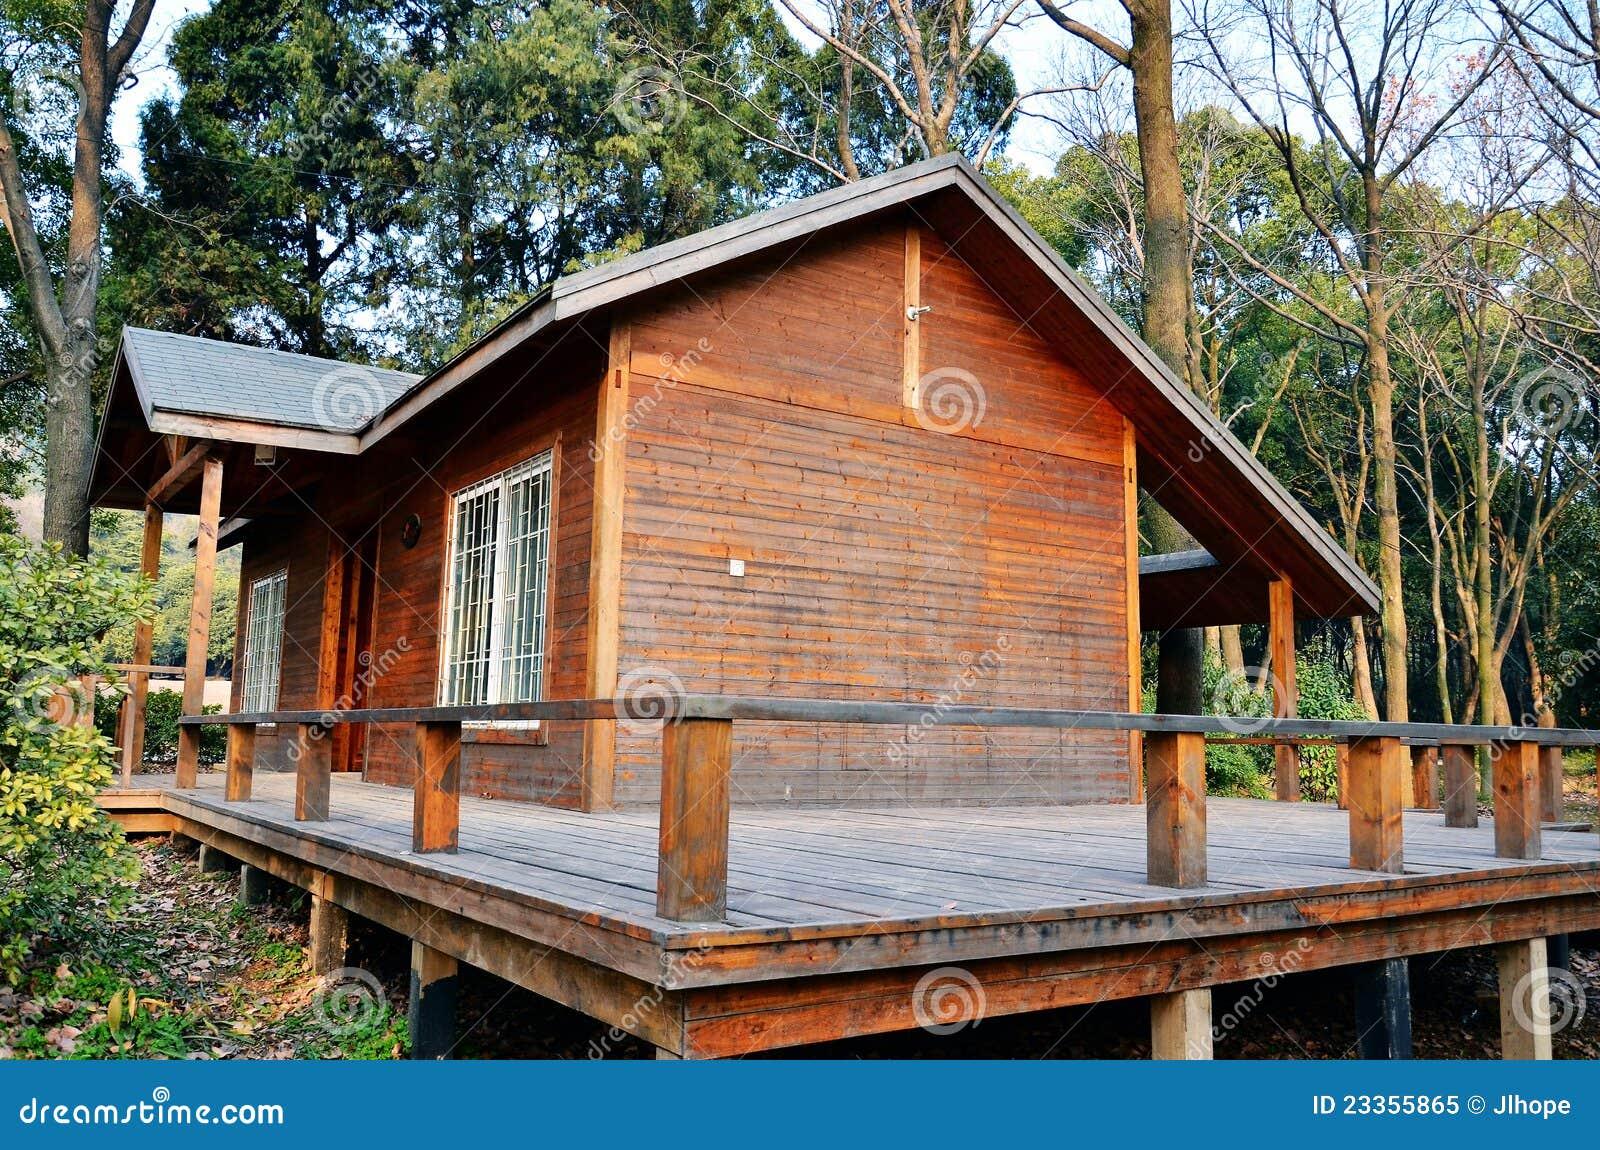 Petite Maison En Bois Photo libre de droits - Image: 23355865